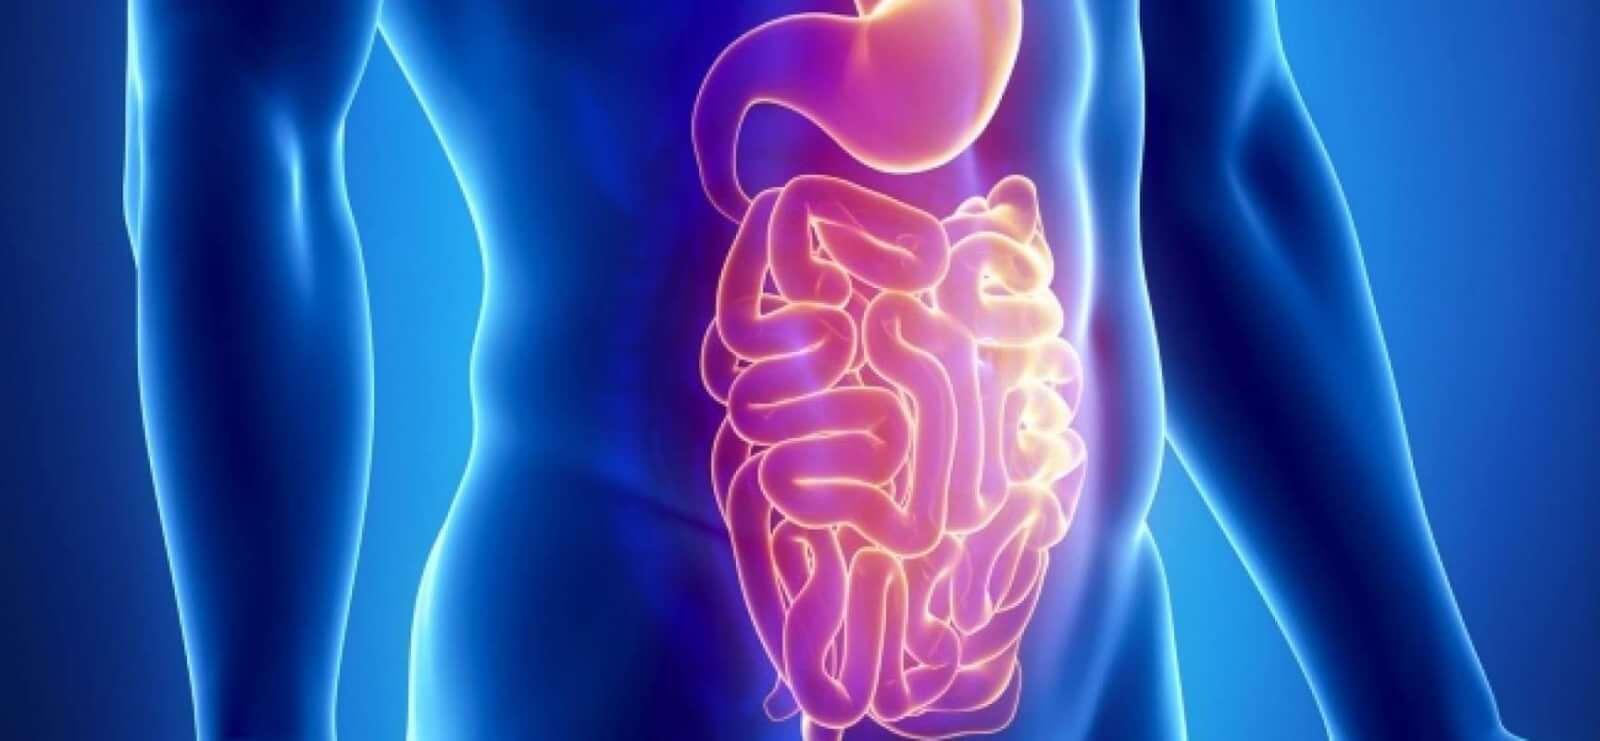 Как очистить кишечник, эффективно и быстро - Вести. Медицина 54